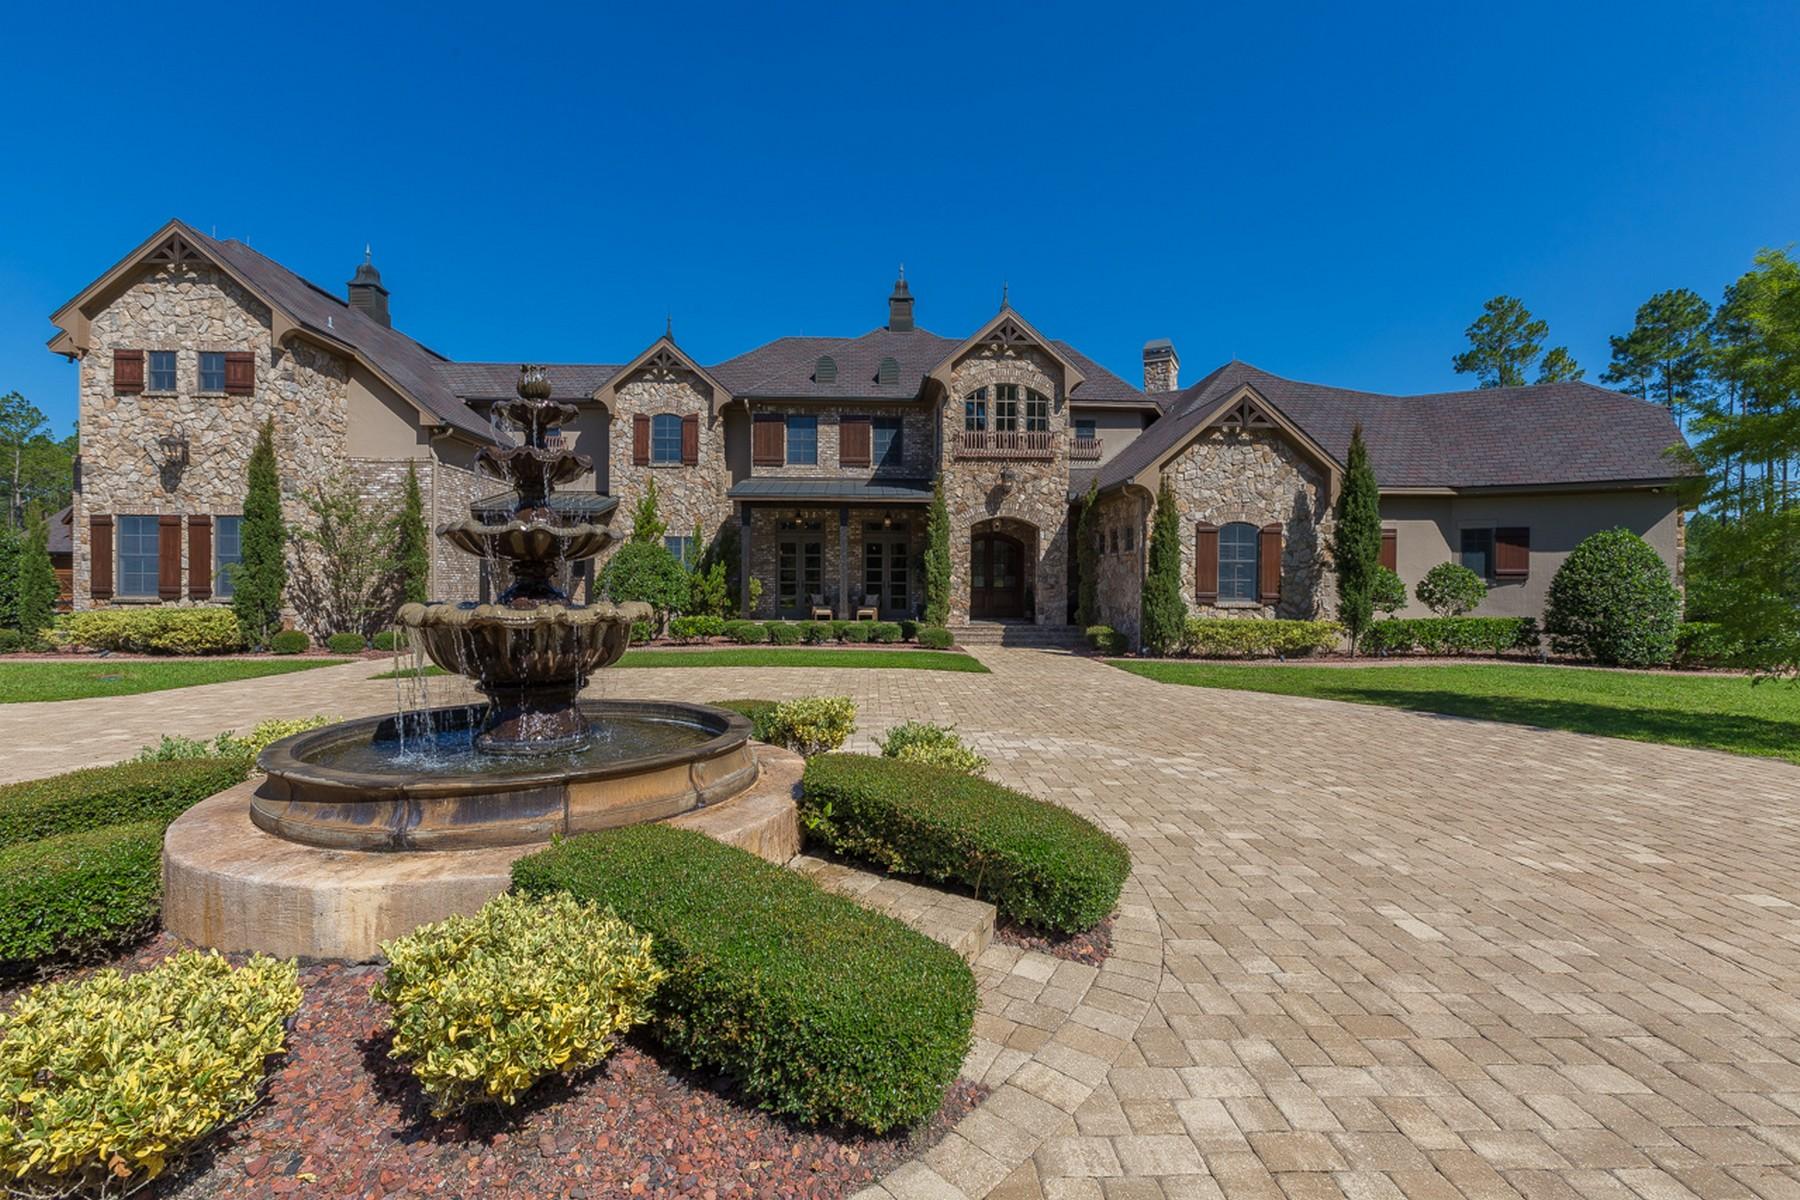 一戸建て のために 売買 アット Exquisite Old World Equestrian Estate 417 Triple Crown Lane St. Johns, フロリダ, 32259 アメリカ合衆国